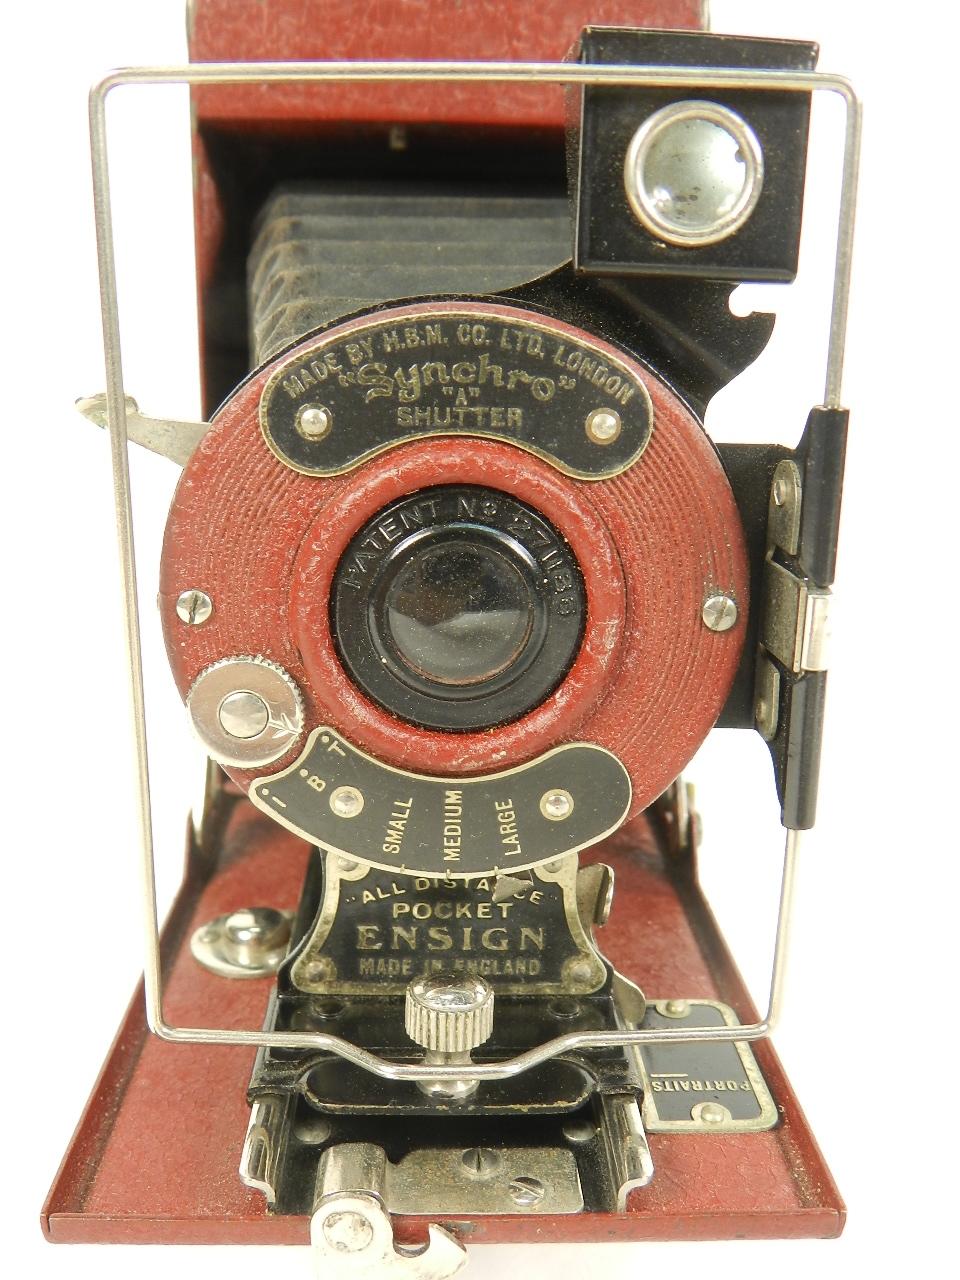 Imagen ALL DISTANCE POCKET ENSIGN AÑO 1928 30272